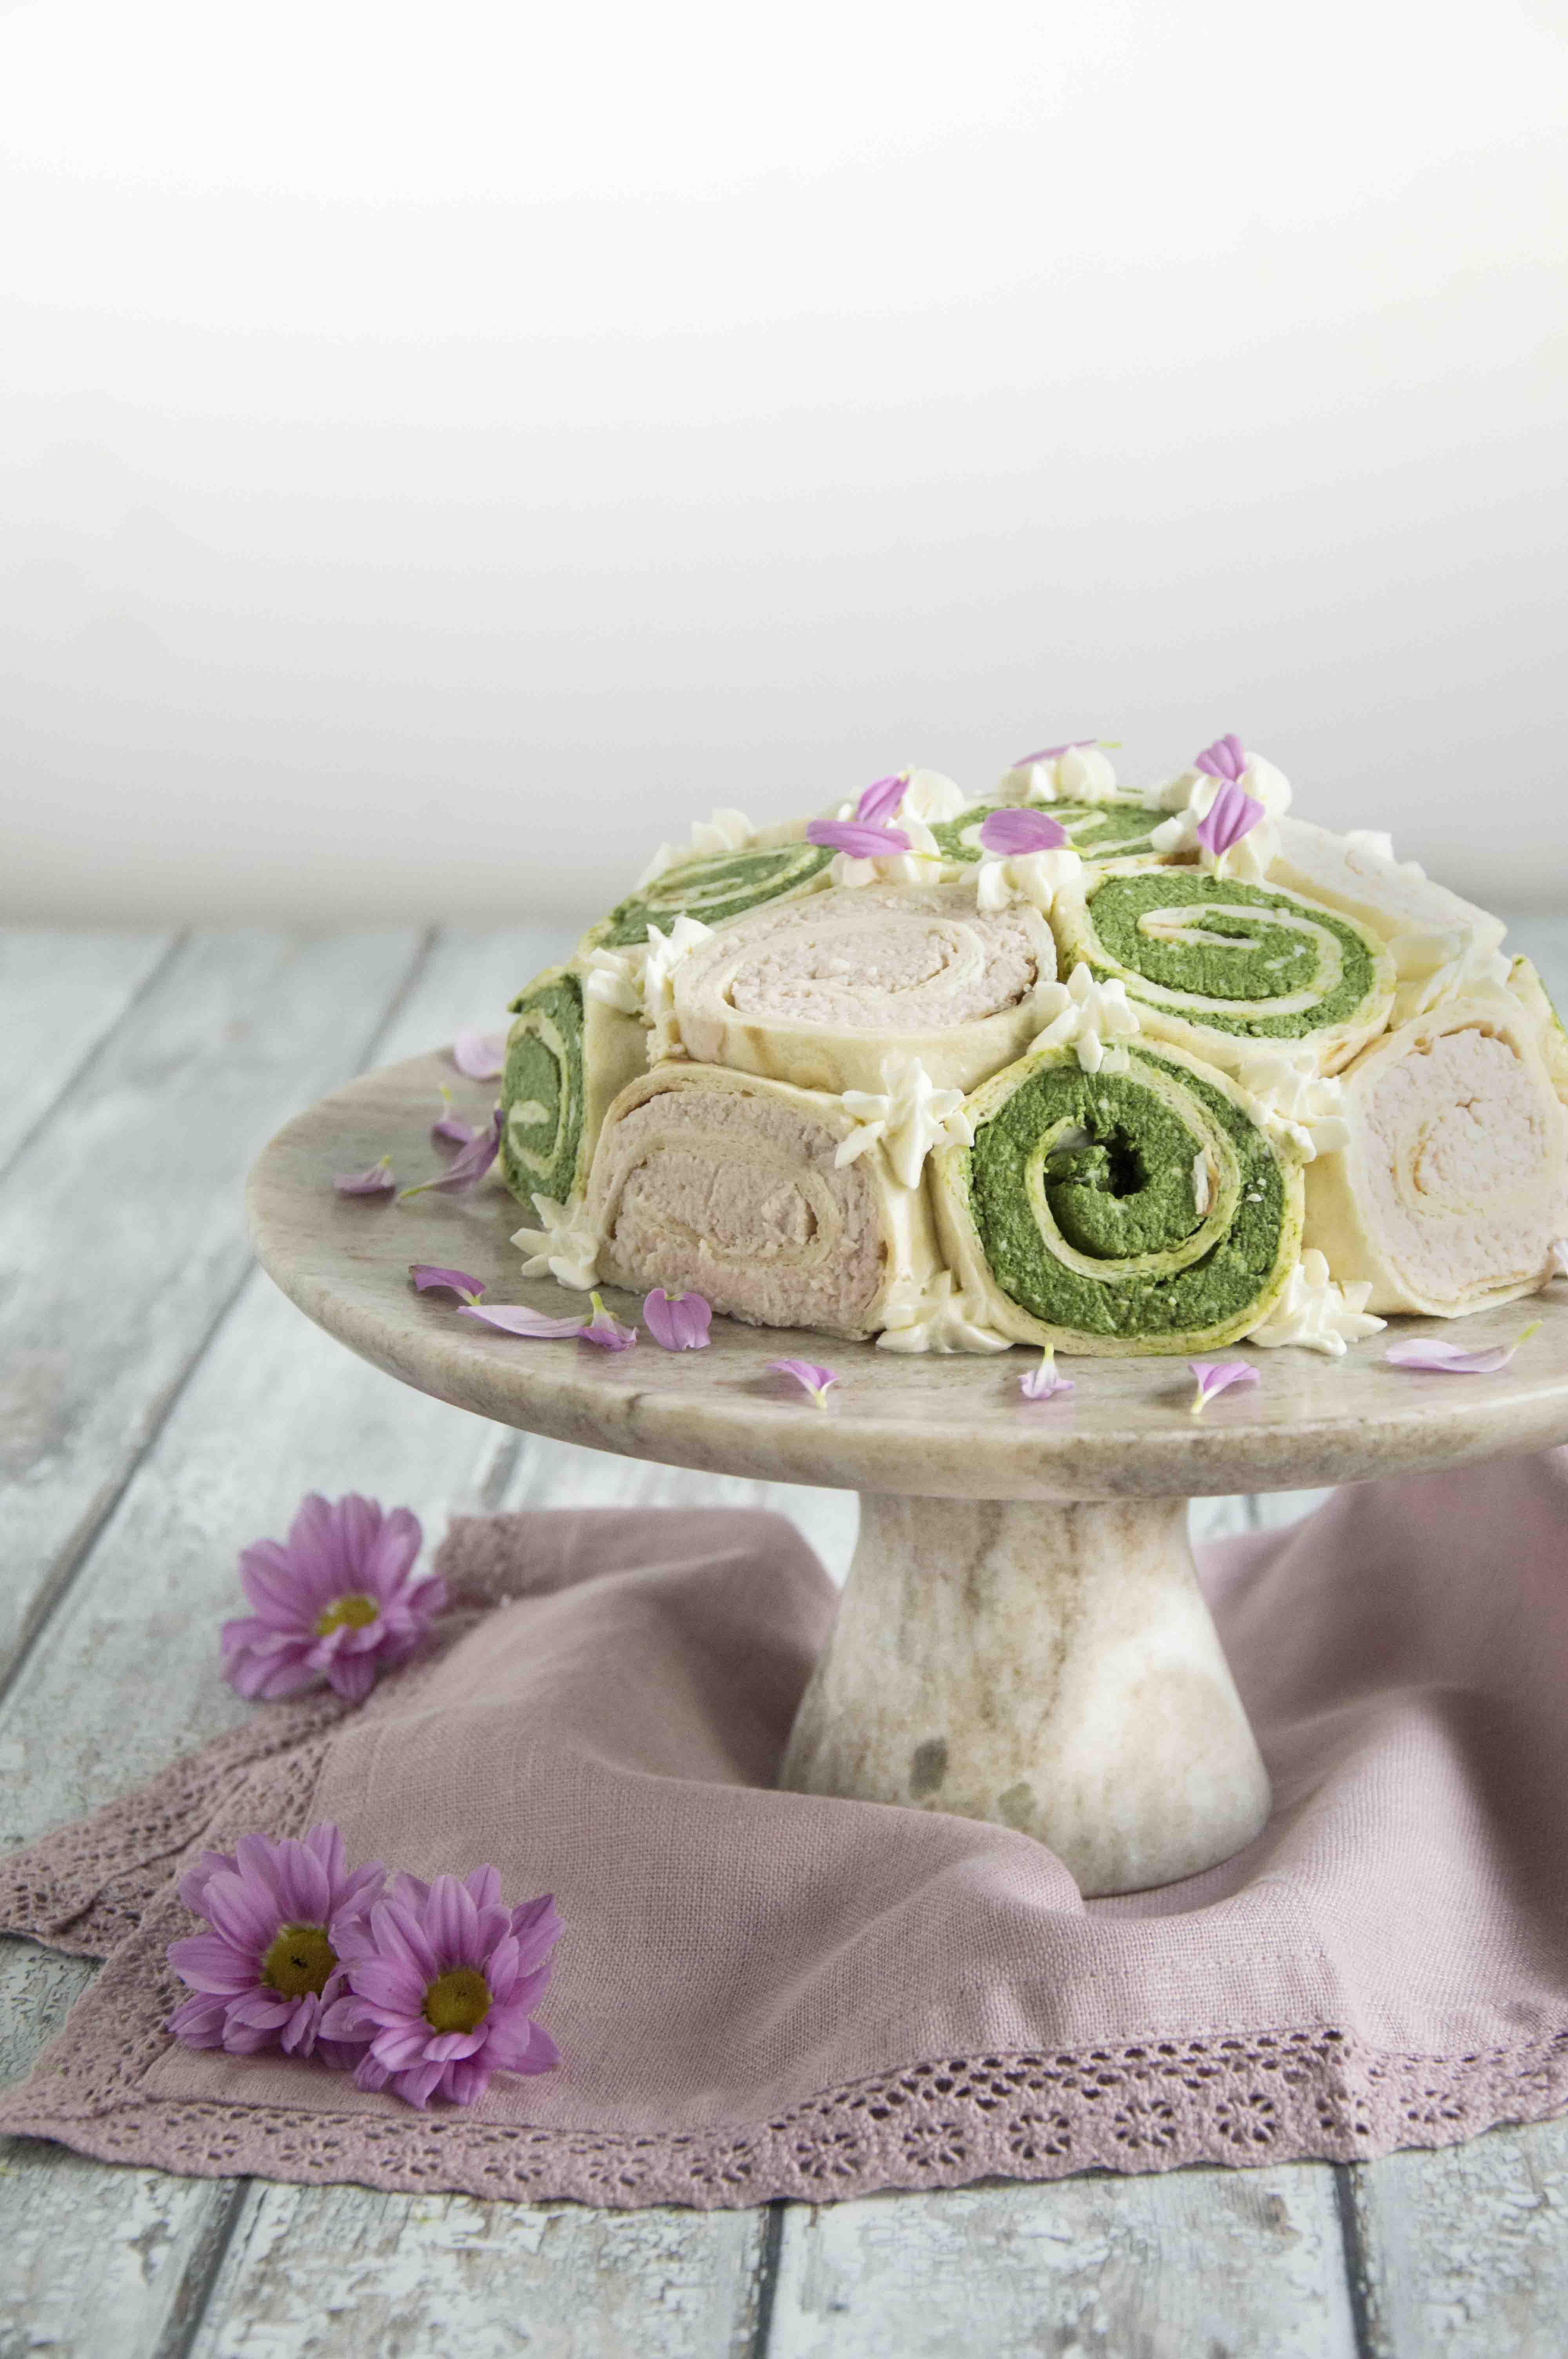 Zuccotto di piadina con prosciutto cotto e spinaci su alzatina